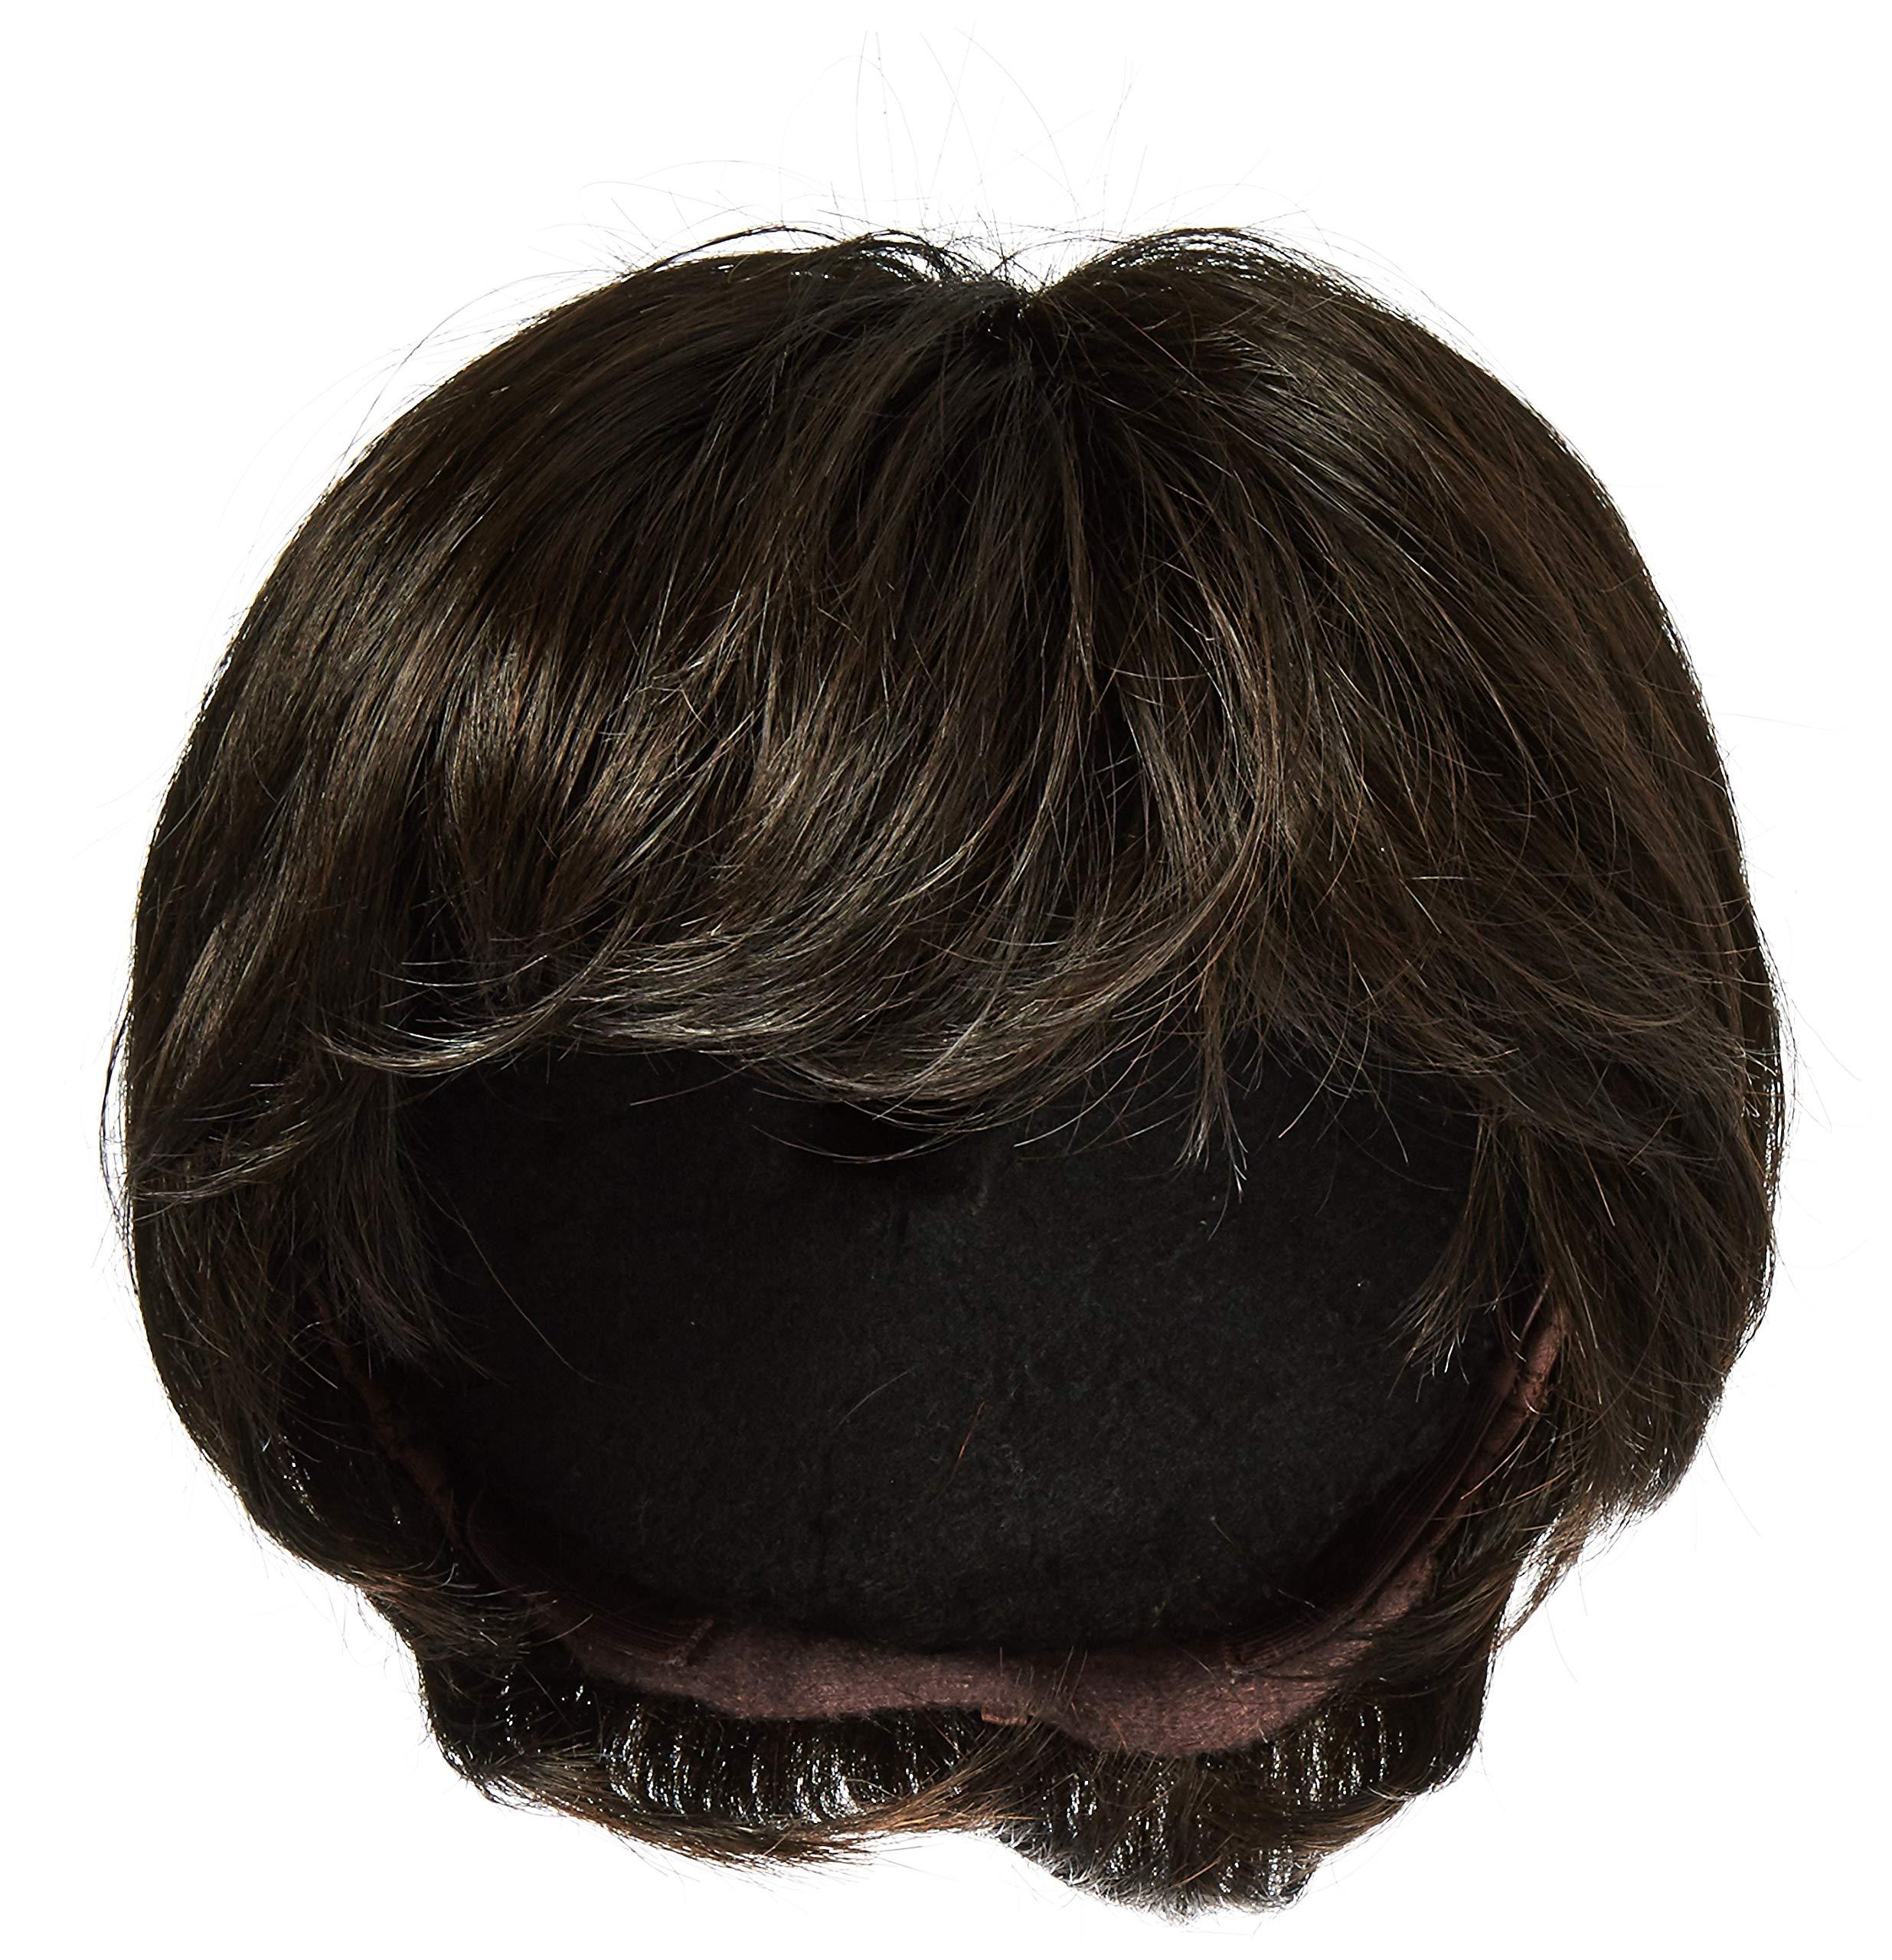 Raquel Welch Go for It Boy Cut Short Hair Wig with Longer Layers, R4 Midnight Brown by Hairuwear by Hair u wear